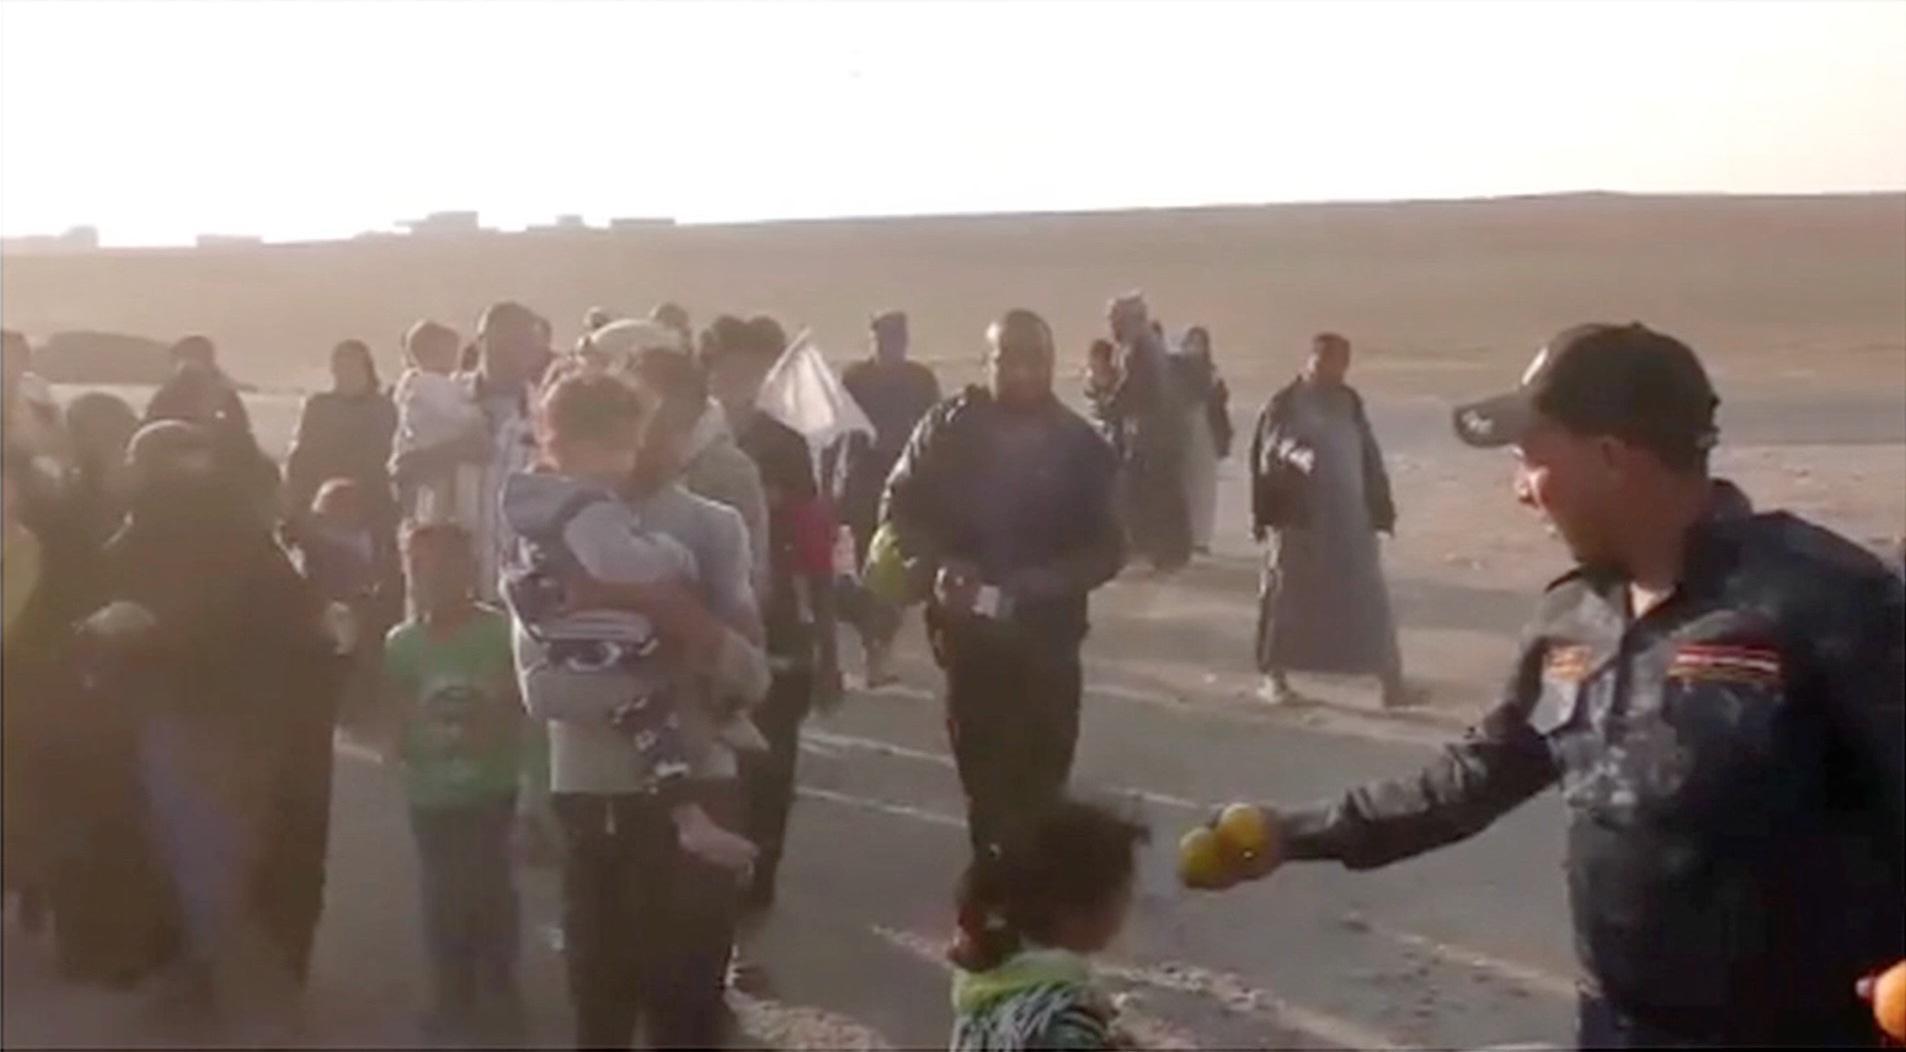 المدنيون يواصلون الهرب من الموصل